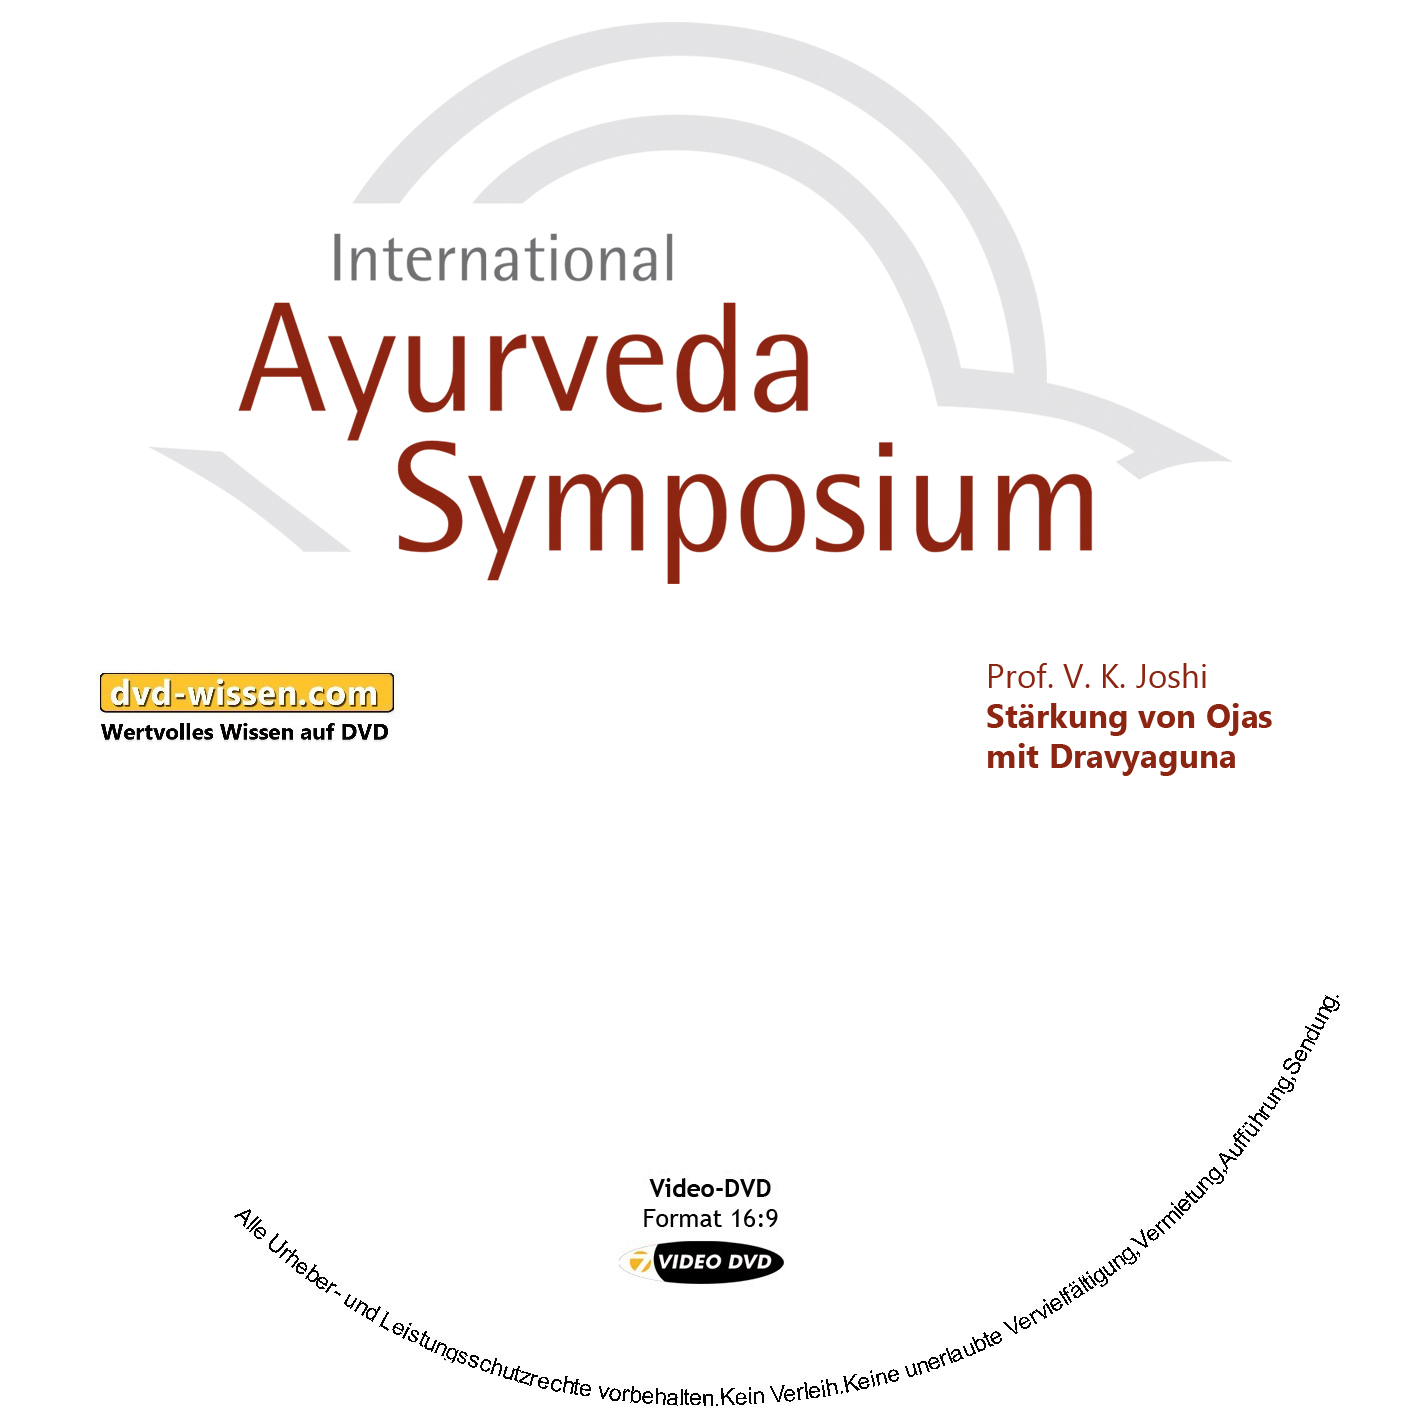 Prof. V. K. Joshi: Stärkung von Ojas mit Dravyaguna